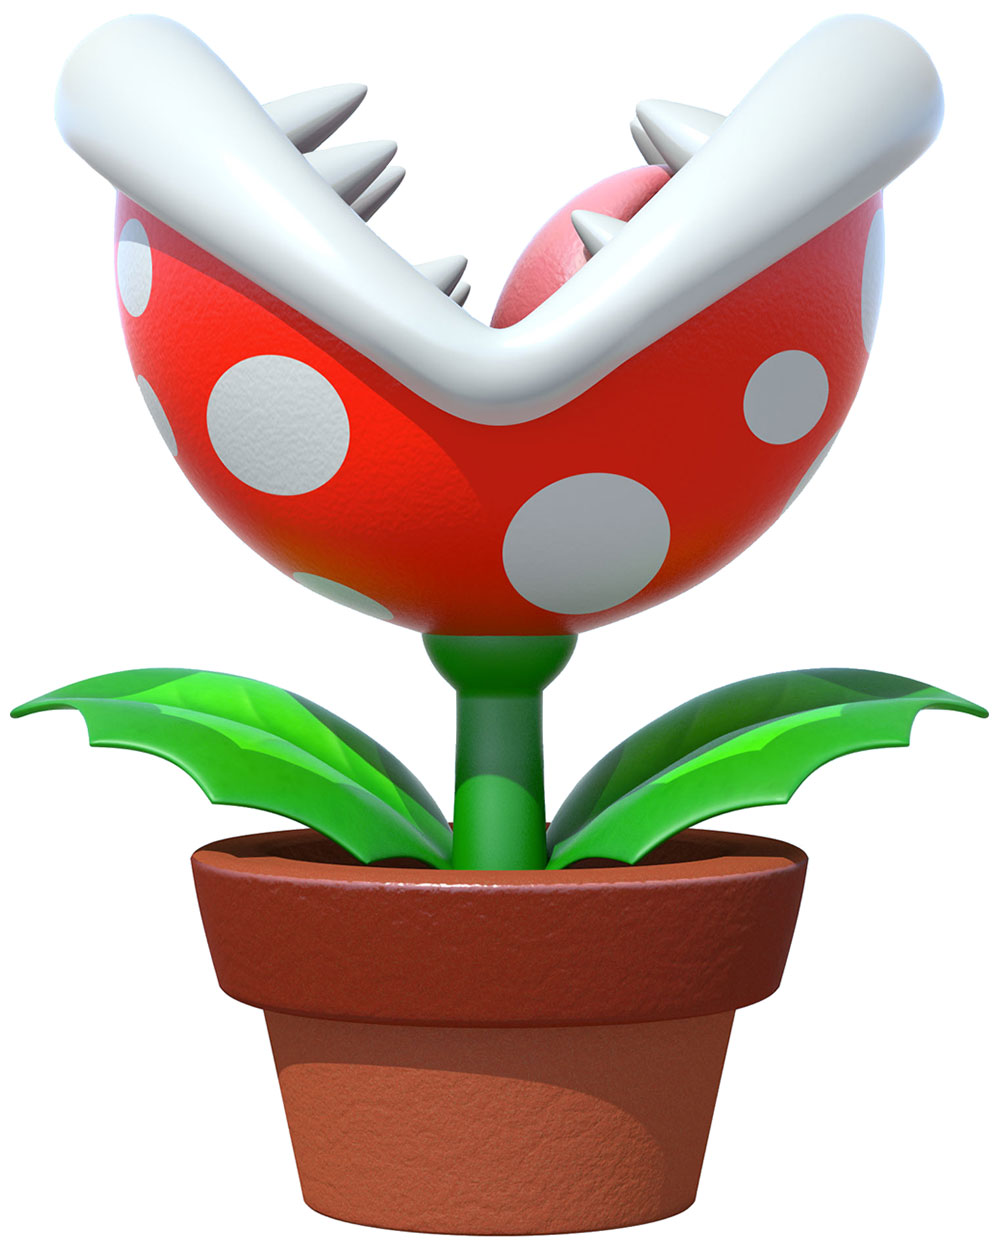 Mario clipart piranha plant Piranha Plant Art & Kart